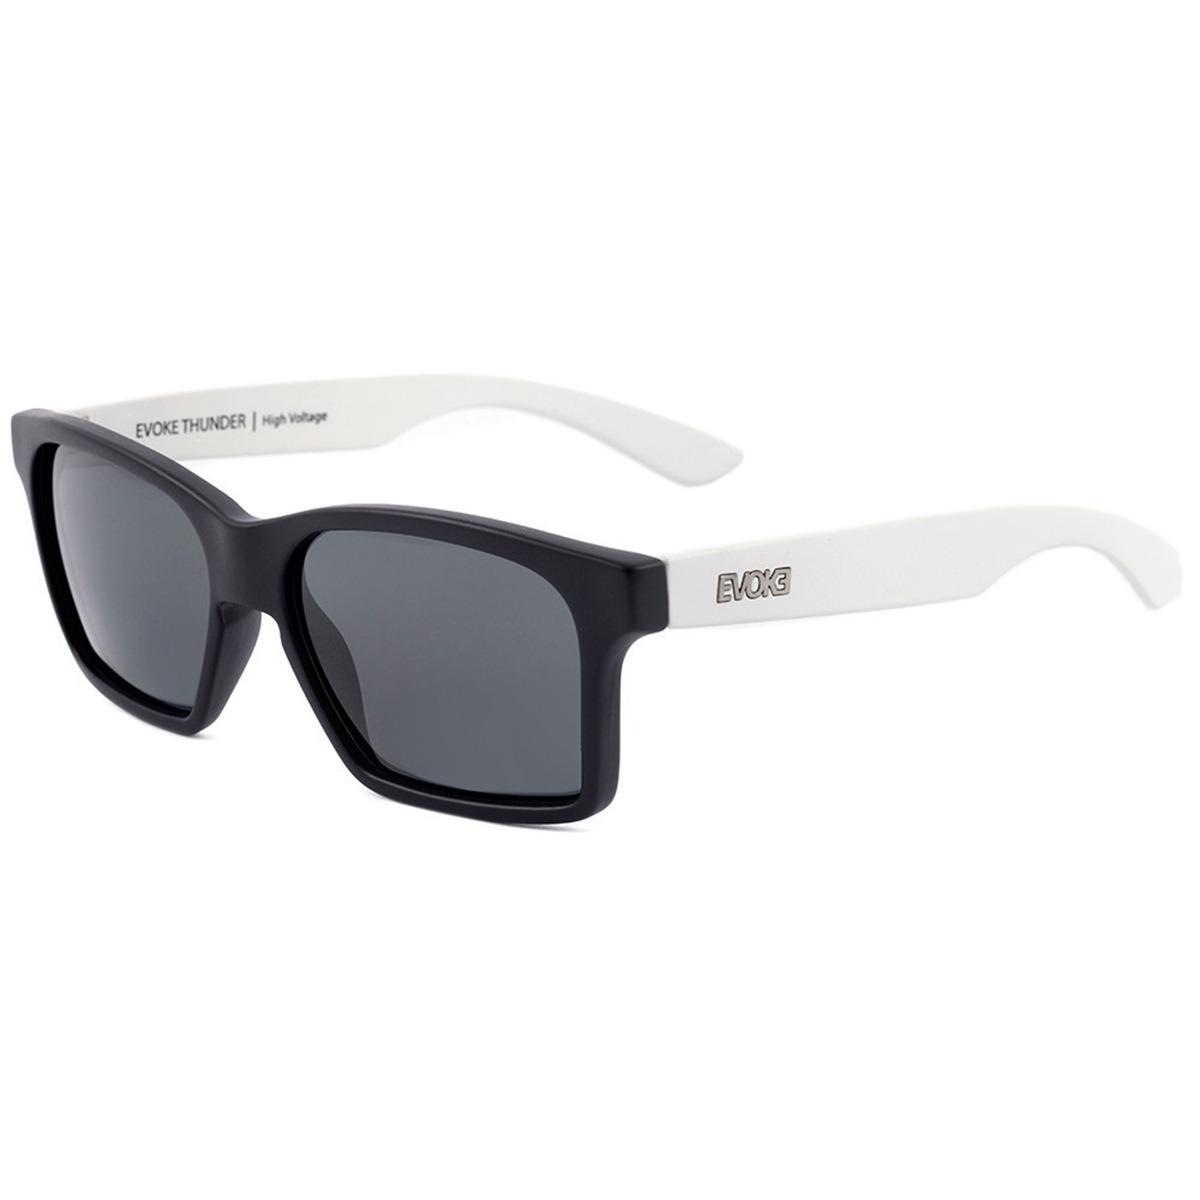 2aa069a22e8eb oculos sol evoke thunder ab11 preto fosco branco original. Carregando zoom.